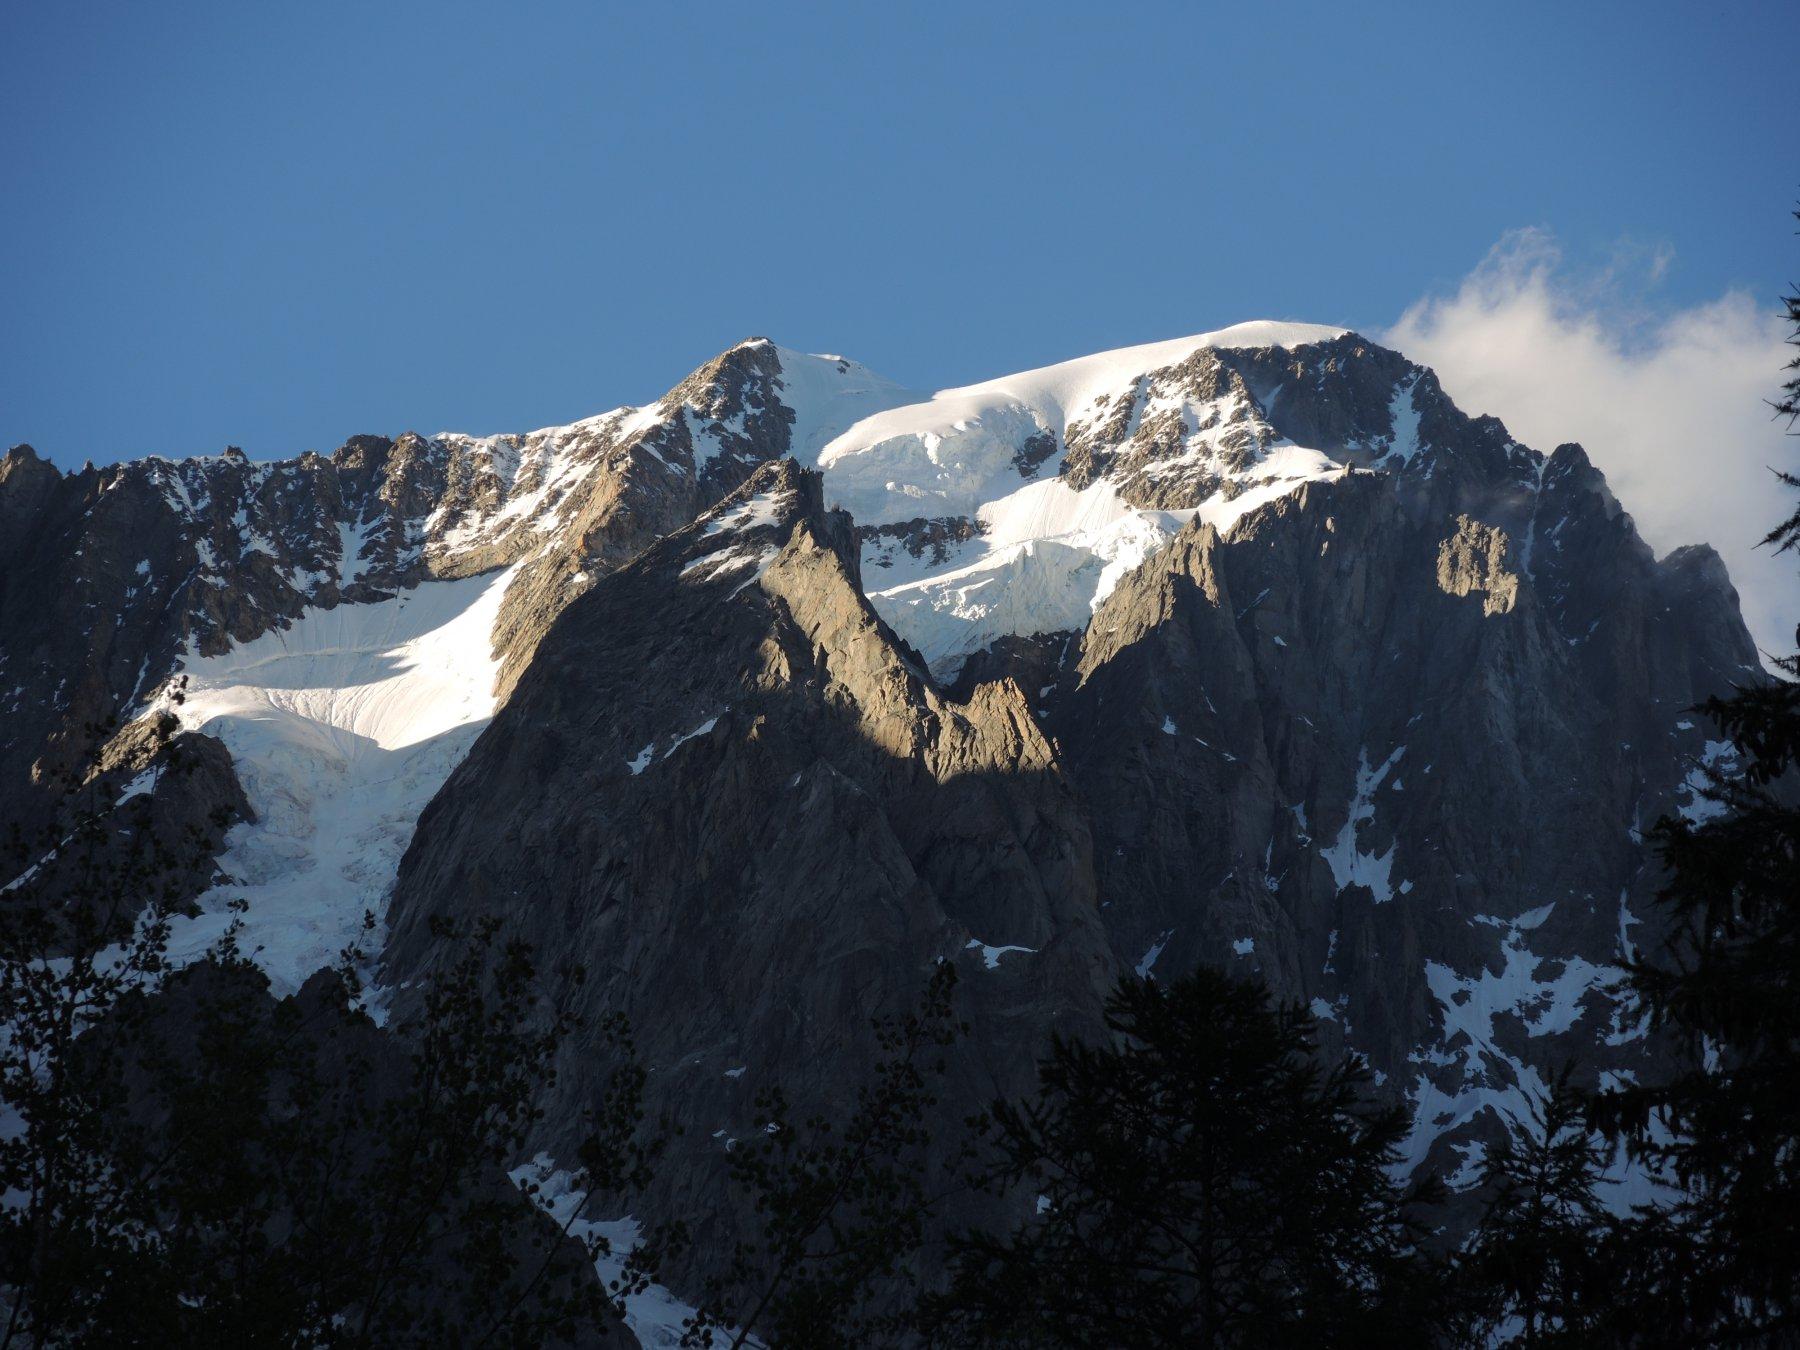 Le Grandes Jorasses dall'inizio della Val Ferret: da sinistra, il Reposoir, il couloir Whimper, i Rocher Whimper con la Puna Whimper alla sommità, il seracco con il traverso sottostante, la cresta di misto e il plateau sommitale della Punta Walker